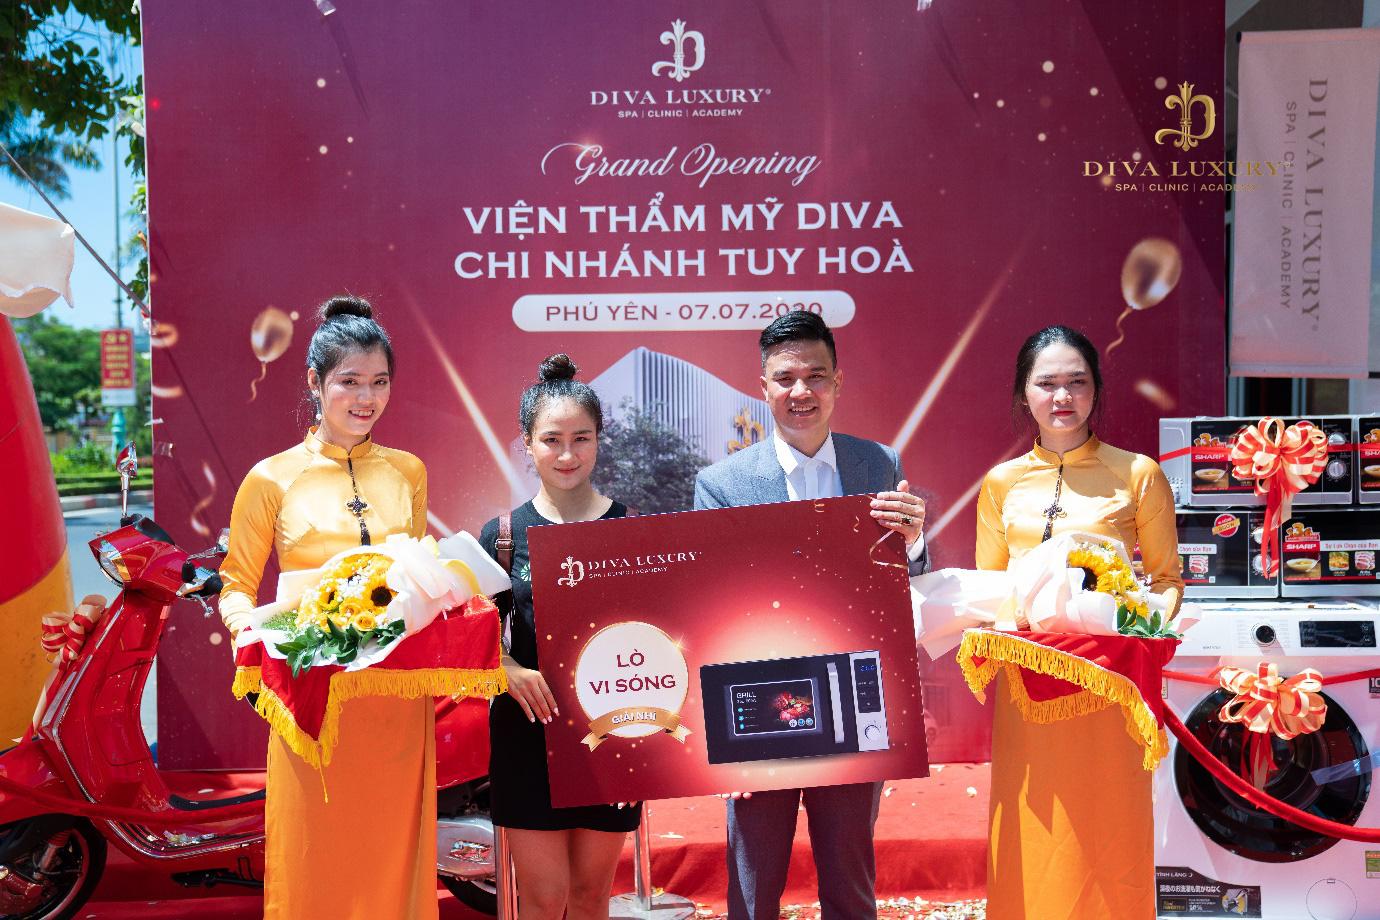 Viện thẩm mỹ DIVA Phú Yên kín khách trong ngày đầu khai trương - Ảnh 8.